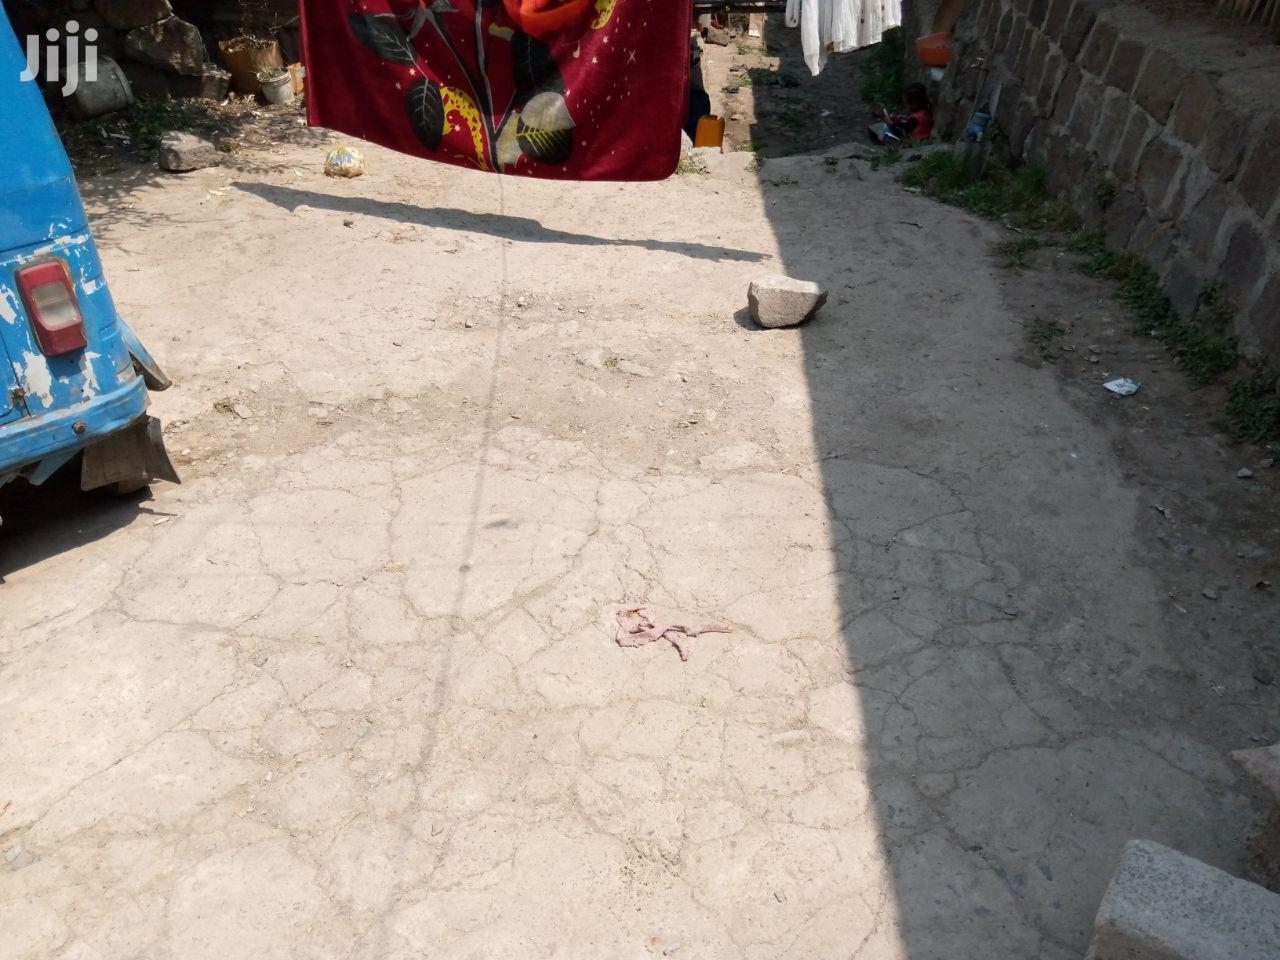 የሚሸጥ ቦታ አስፓልት የያዘ ፌጋ   Land & Plots For Sale for sale in Yeka, Addis Ababa, Ethiopia